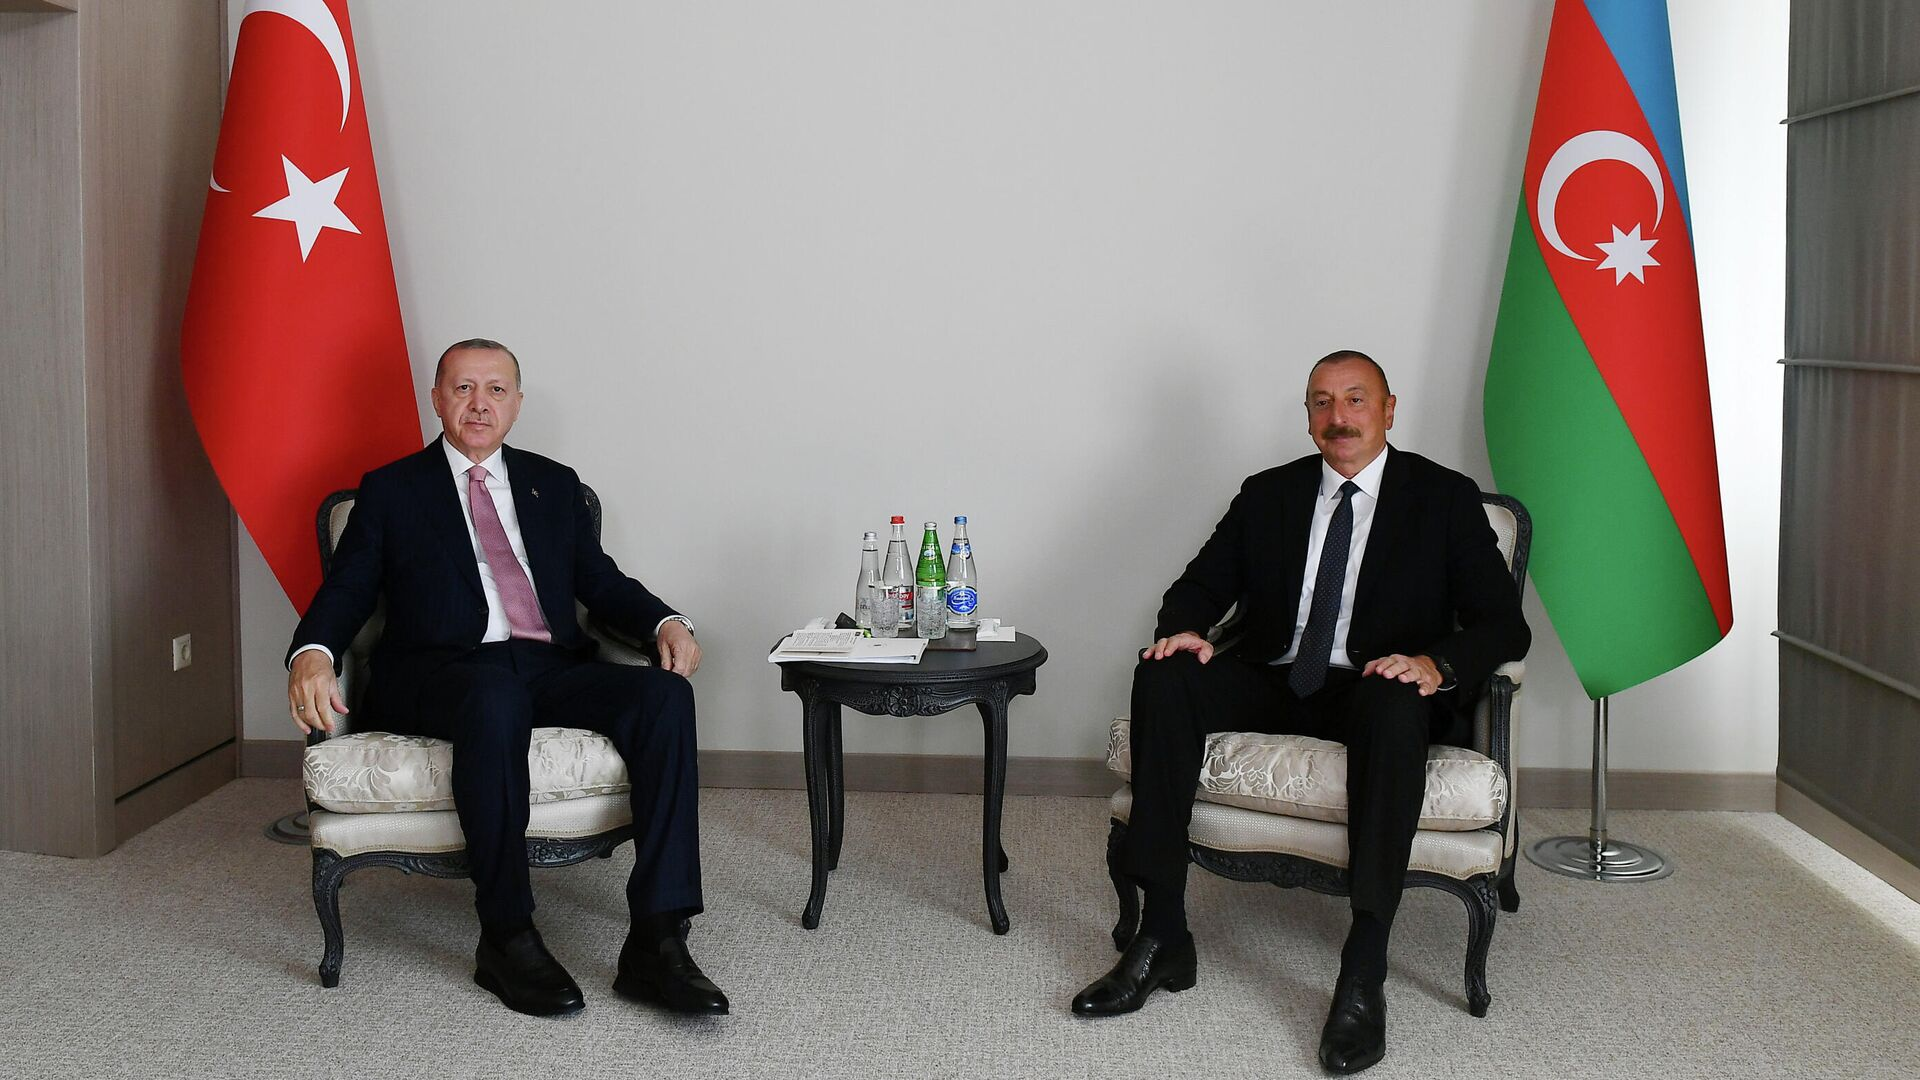 Президент Турции Реджеп Тайип Эрдоган  и президент Азербайджана Ильхам Алиев во время встречи в Шуше - РИА Новости, 1920, 16.06.2021